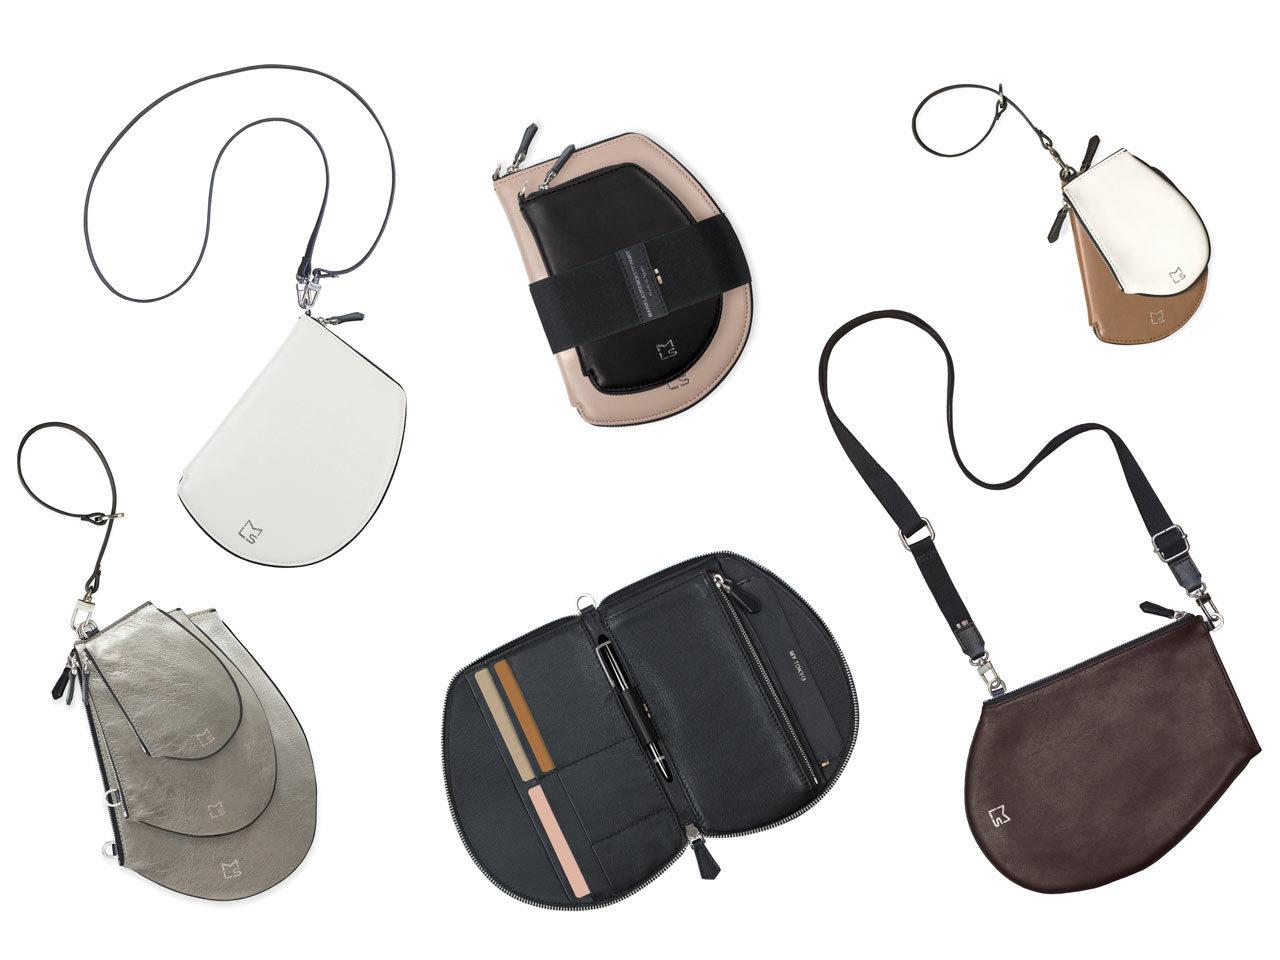 Modèles Zip MLS, Pocket compartimenté et accessoires